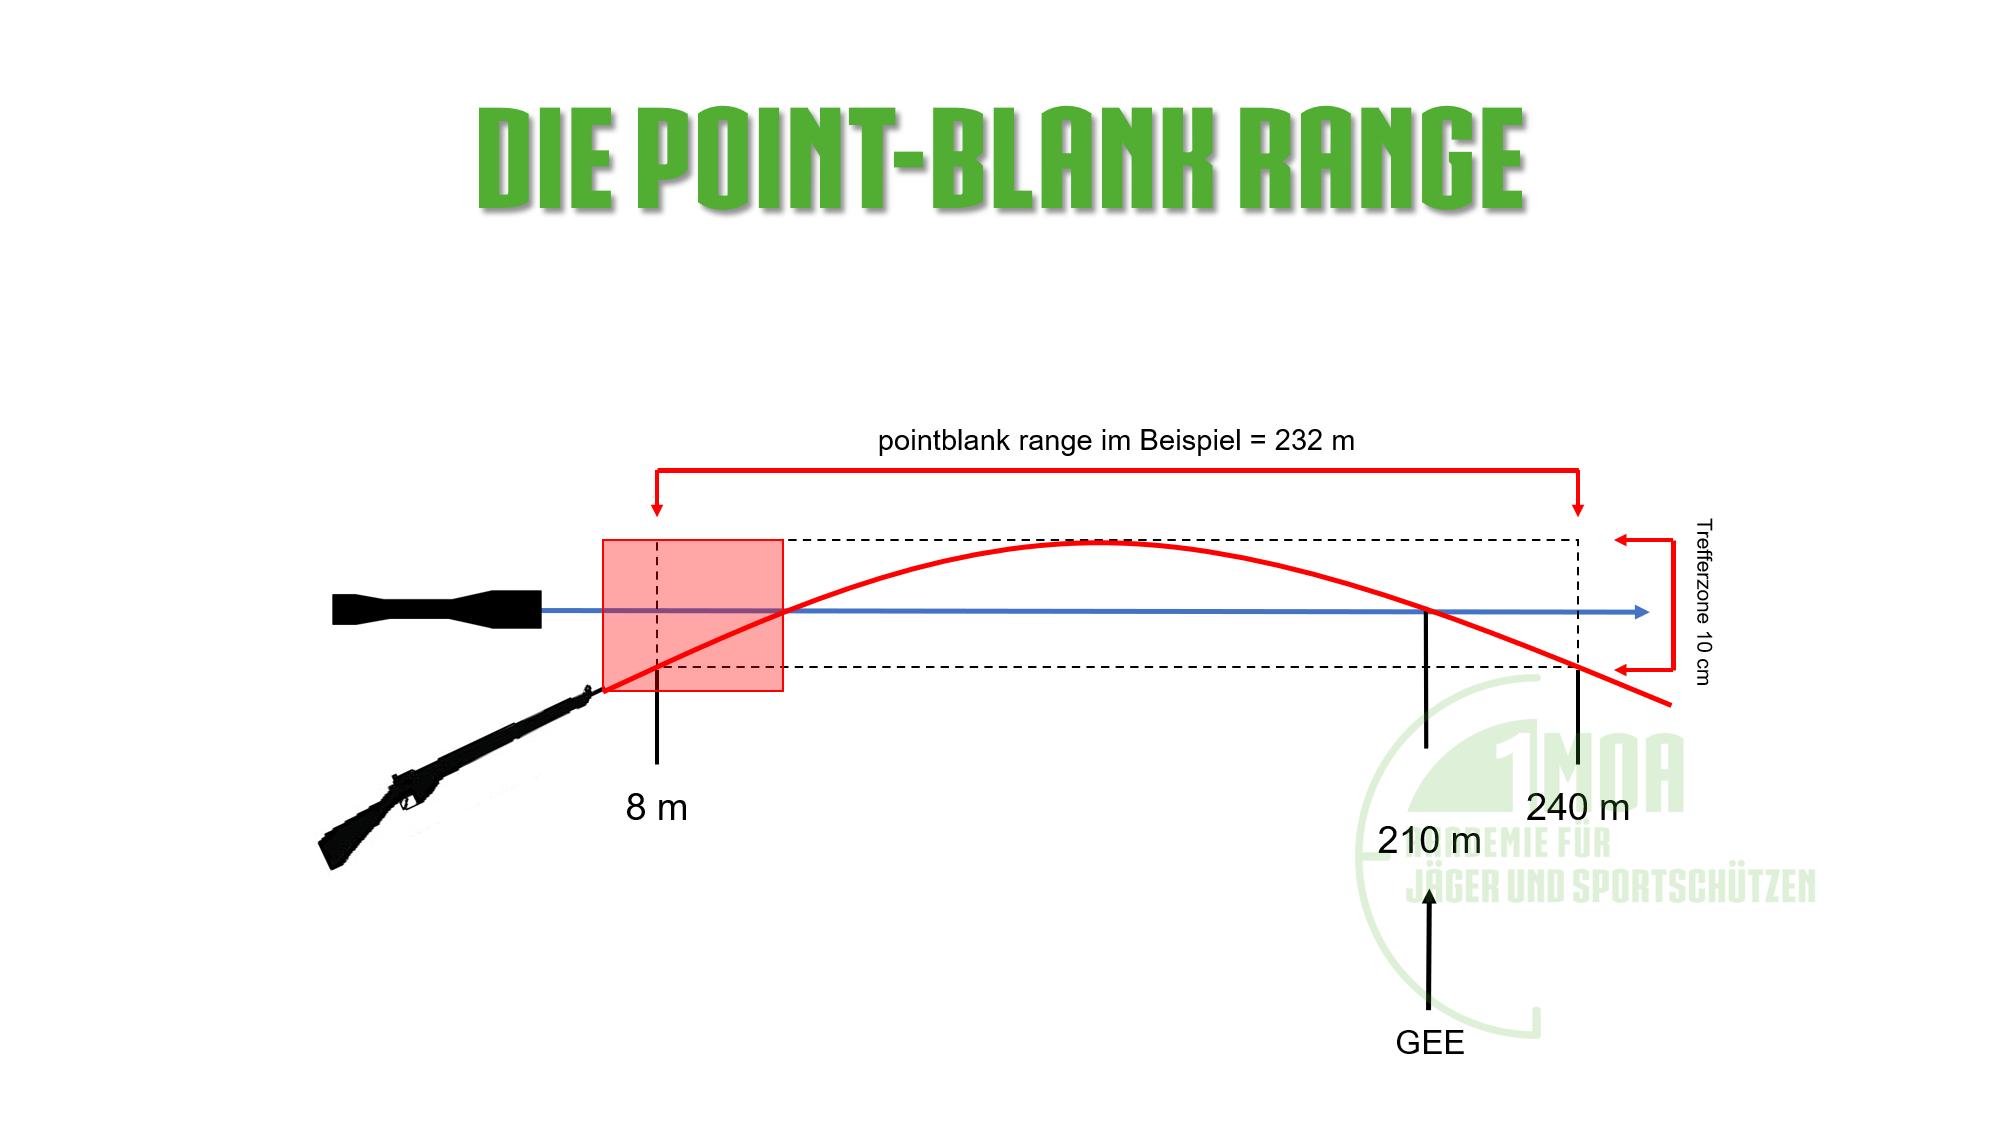 Pointblank Range kurze Distanz